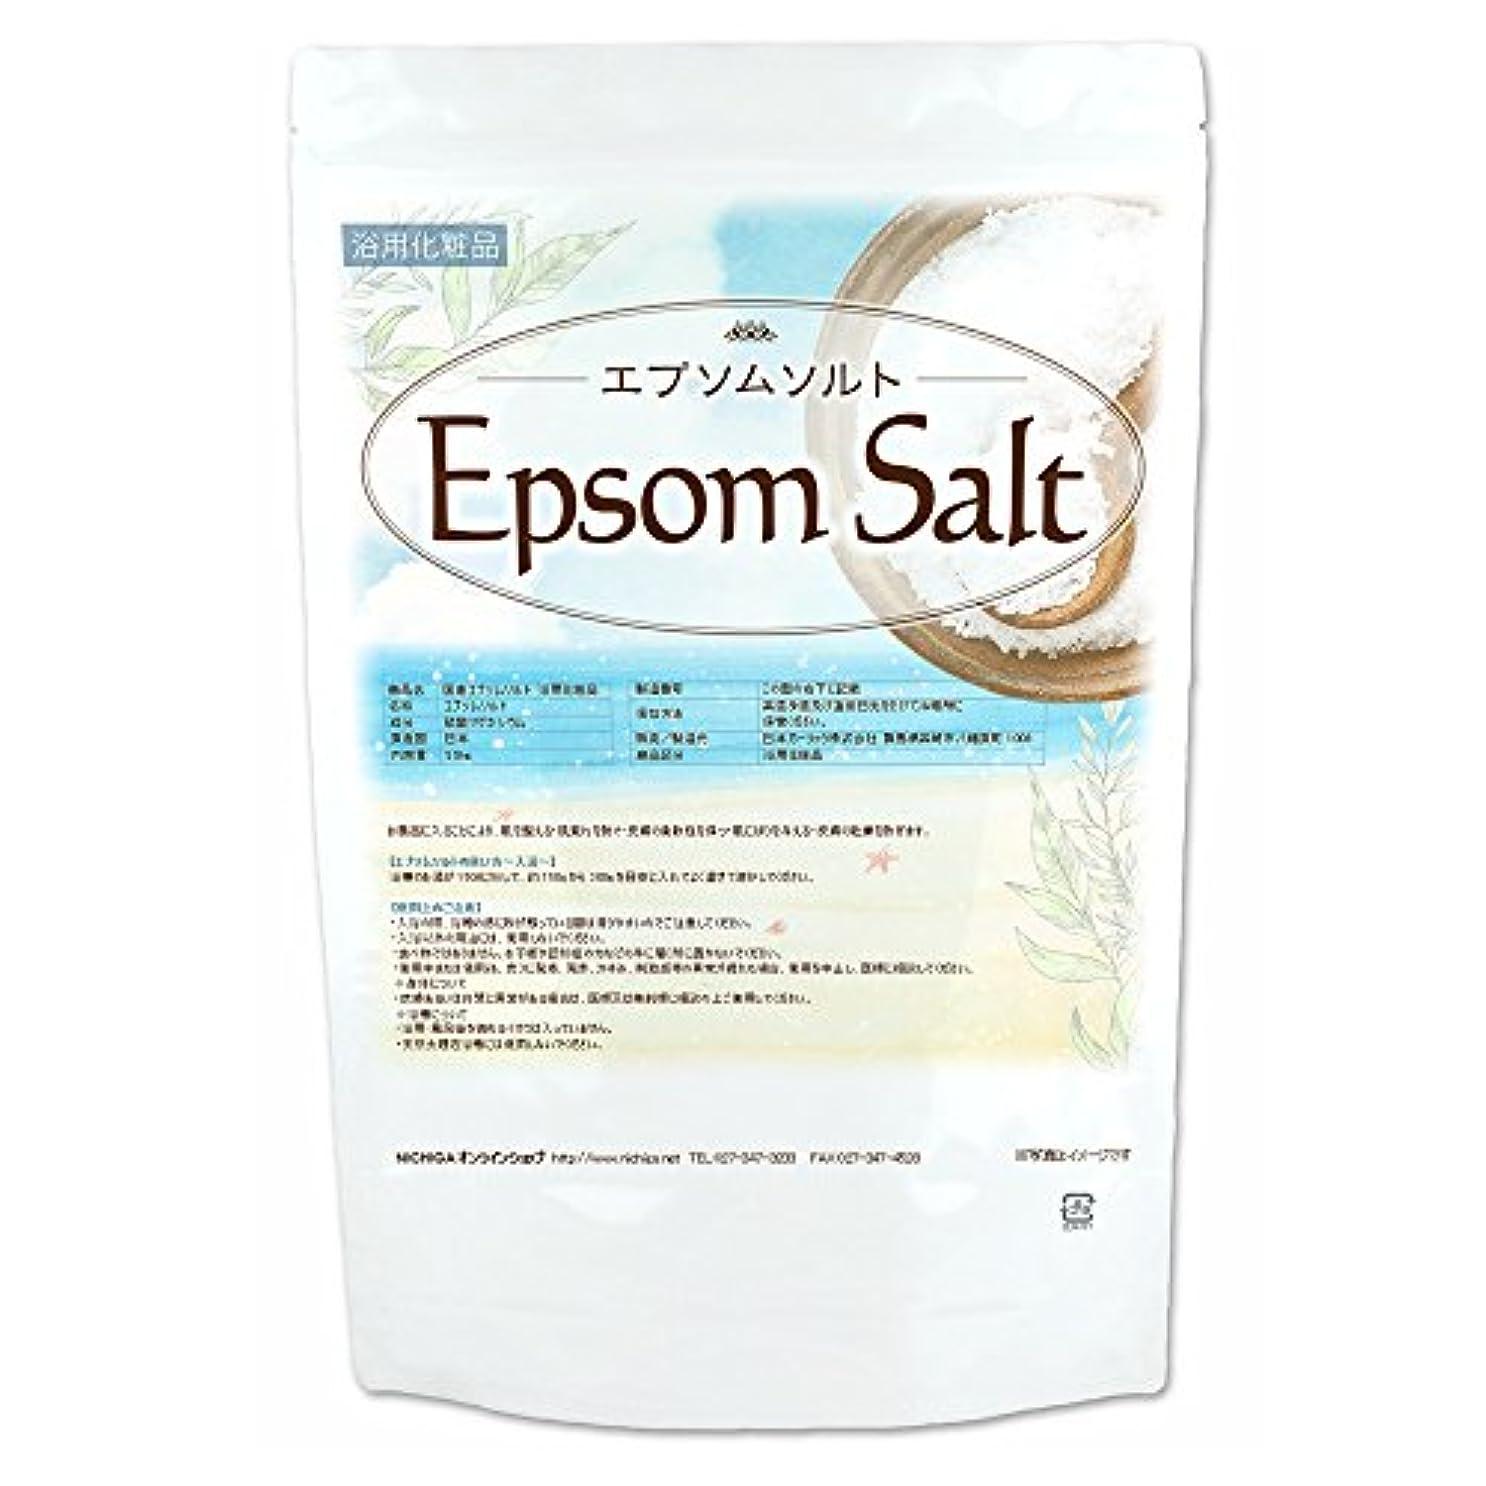 ブッシュ噴出するパトロールエプソムソルト2.5kg(Epsom Salt)[02] 浴用化粧品 国産原料 NICHIGA(ニチガ)